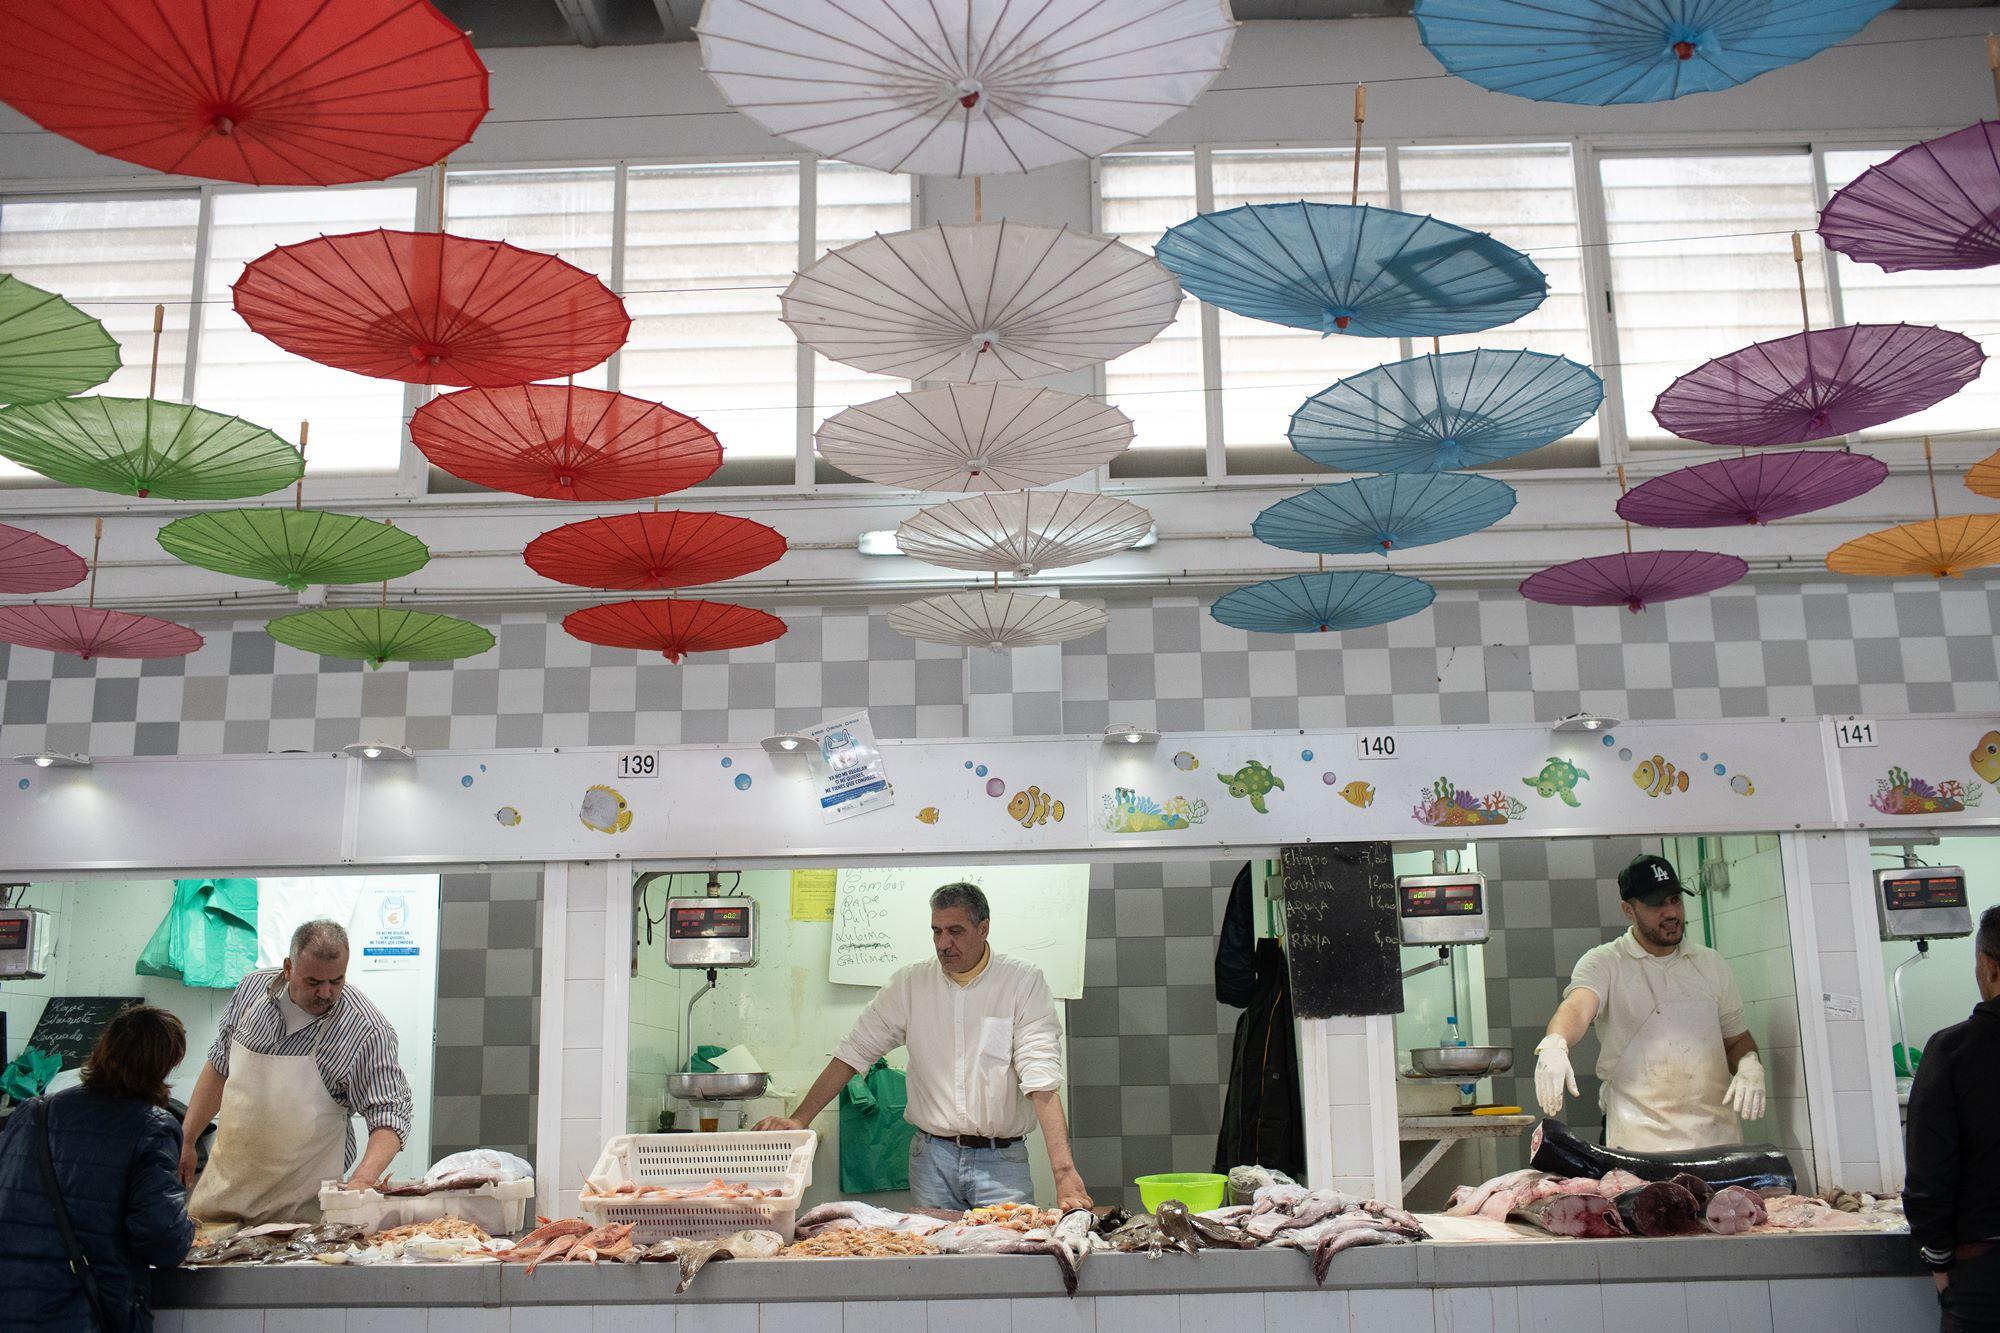 pescado mercado central melilla